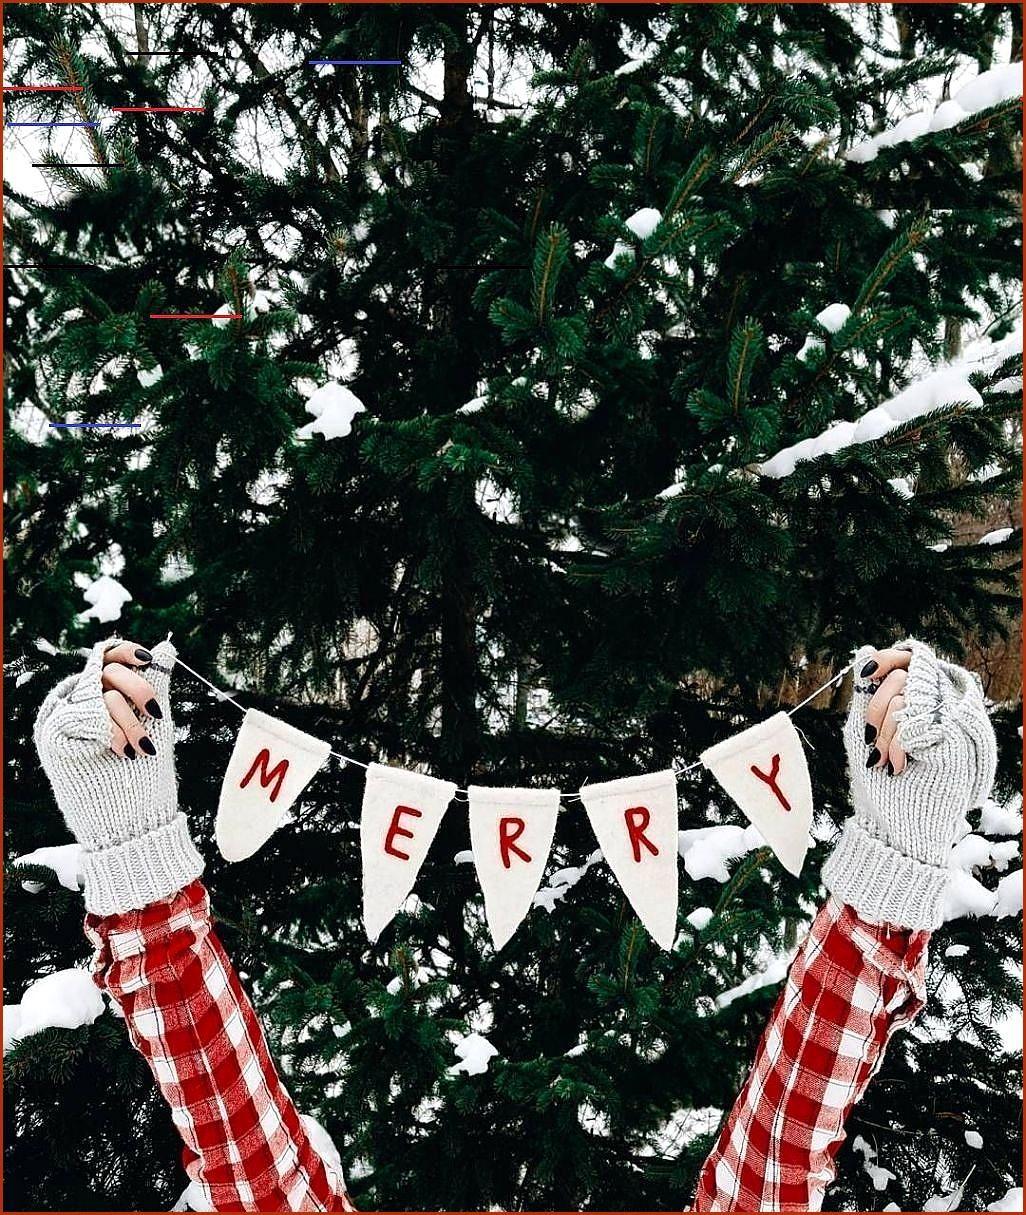 Weihnachtsästhetik 30 Fotos (5) Instagram Fotos und